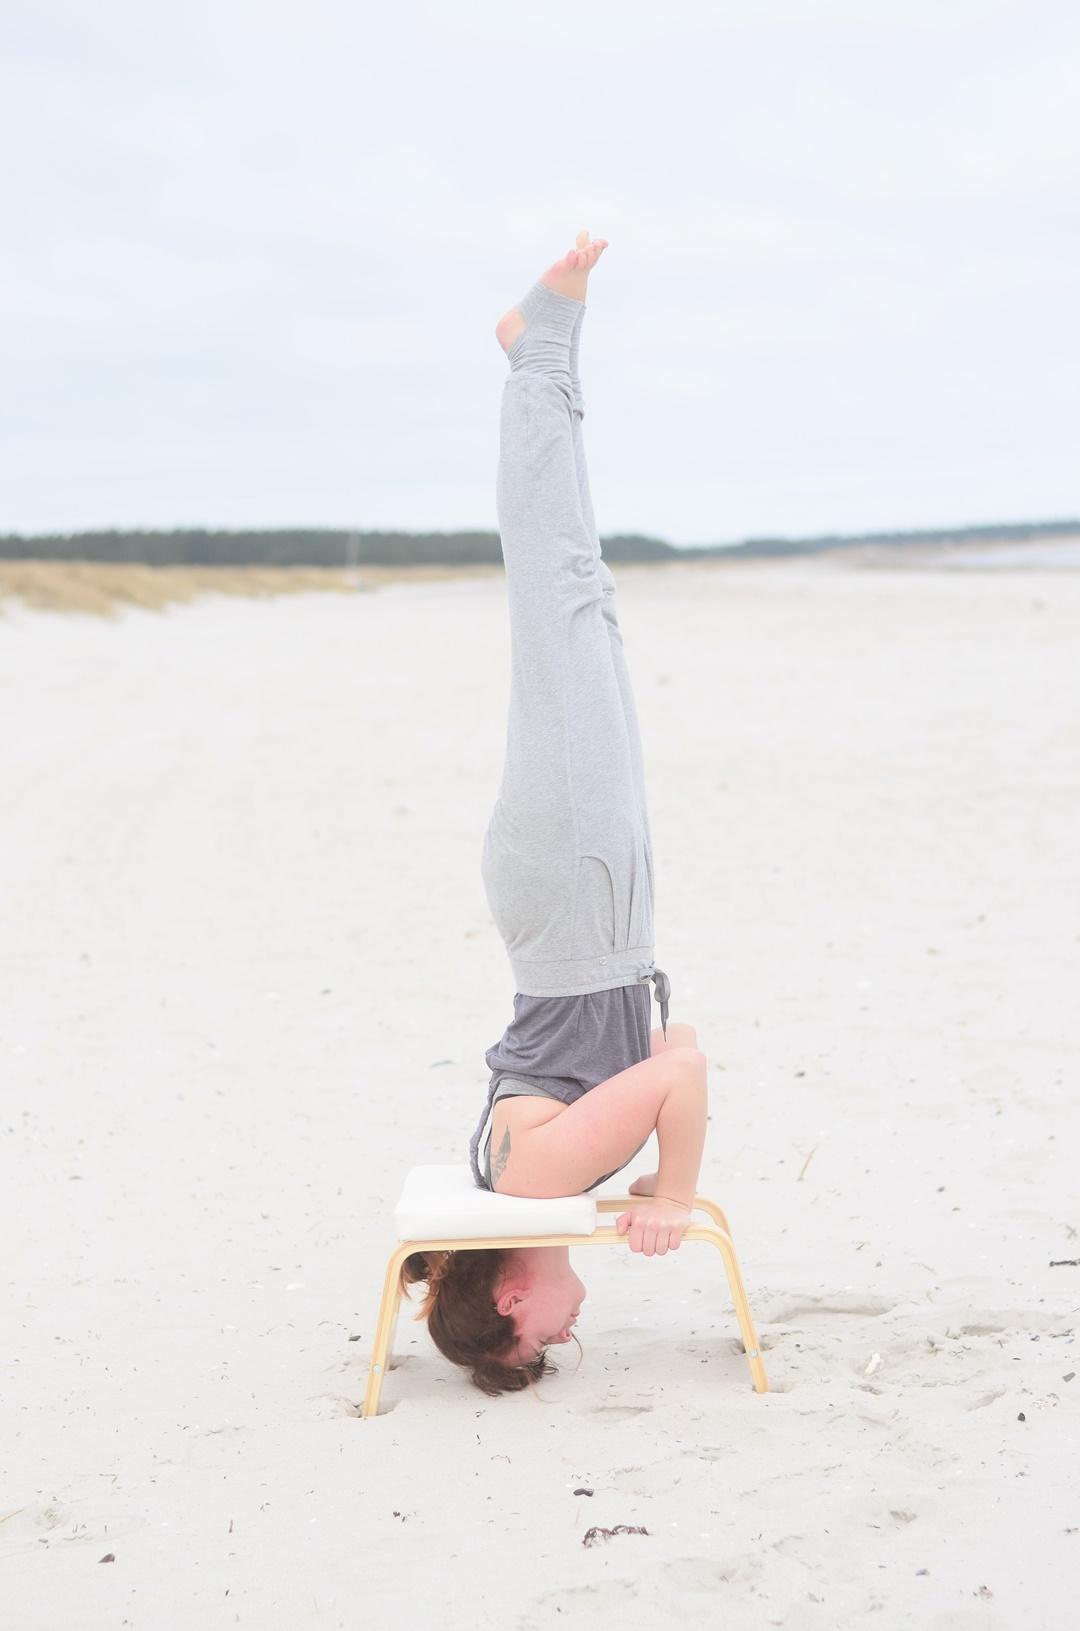 Feedup_Feedup Trainer_Handstand_Schulterstand_Sport am Meer_Ostsee_Sport am Strand_Annanikabu_Yoga_Yoga am Meer_Yoga am Strand_Fitnessblog (11)